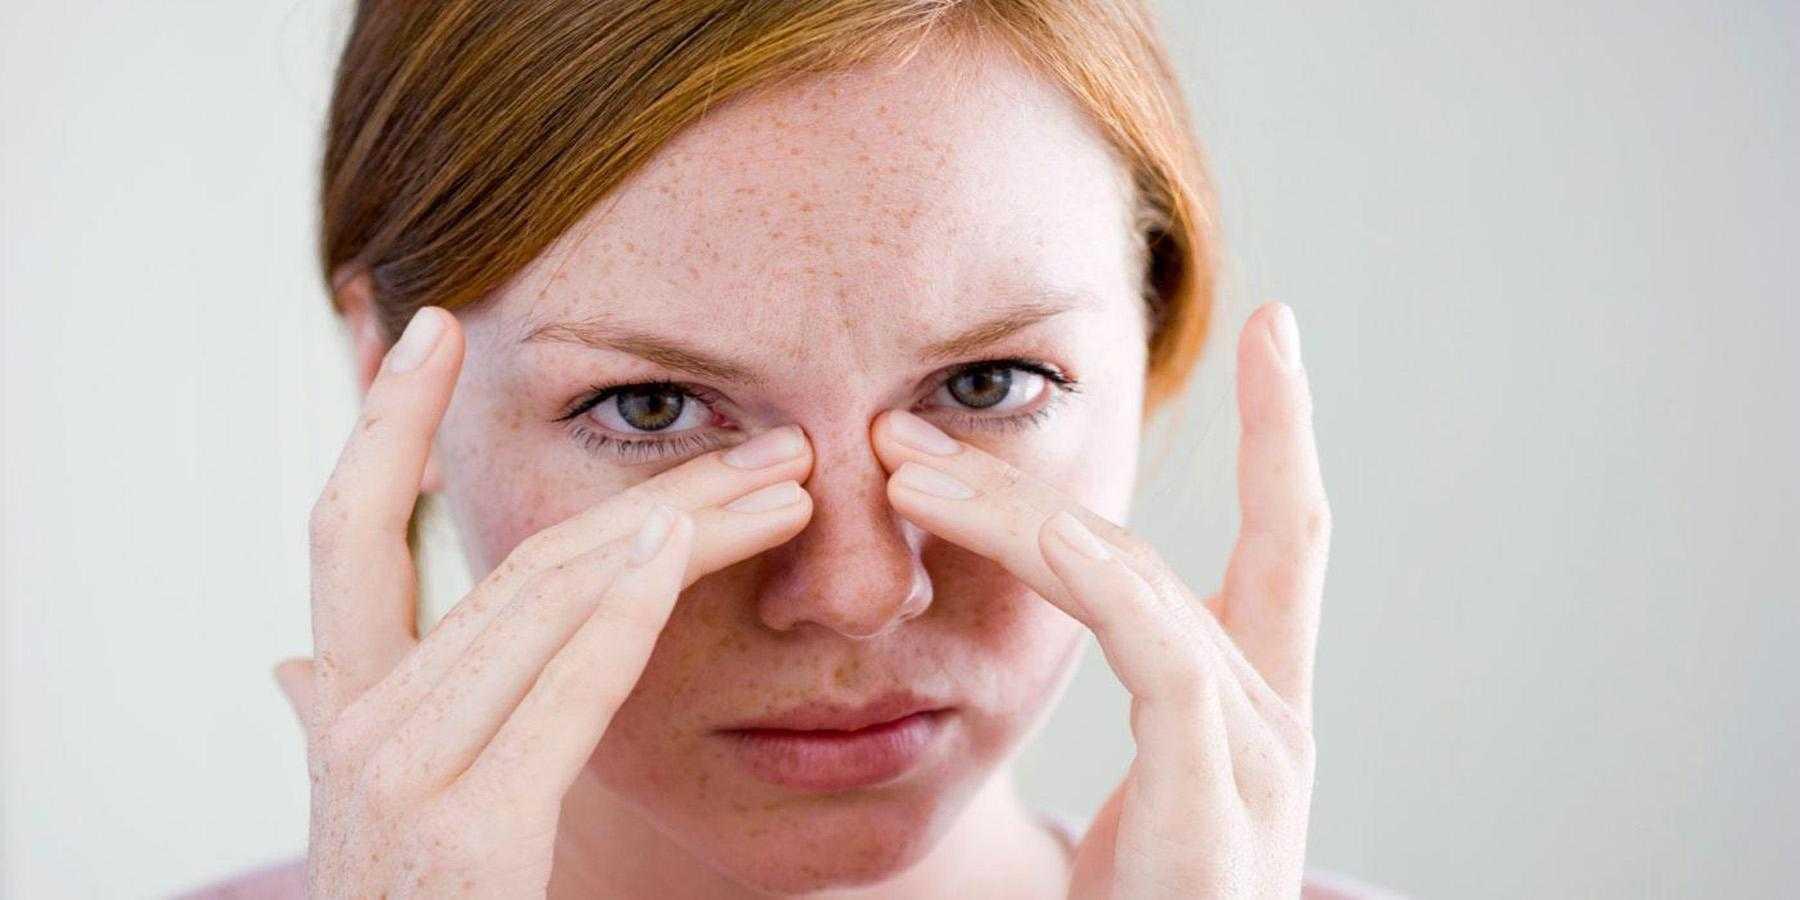 Sinüs Enfeksiyonları Hakkında Bilmeniz Gerekenler